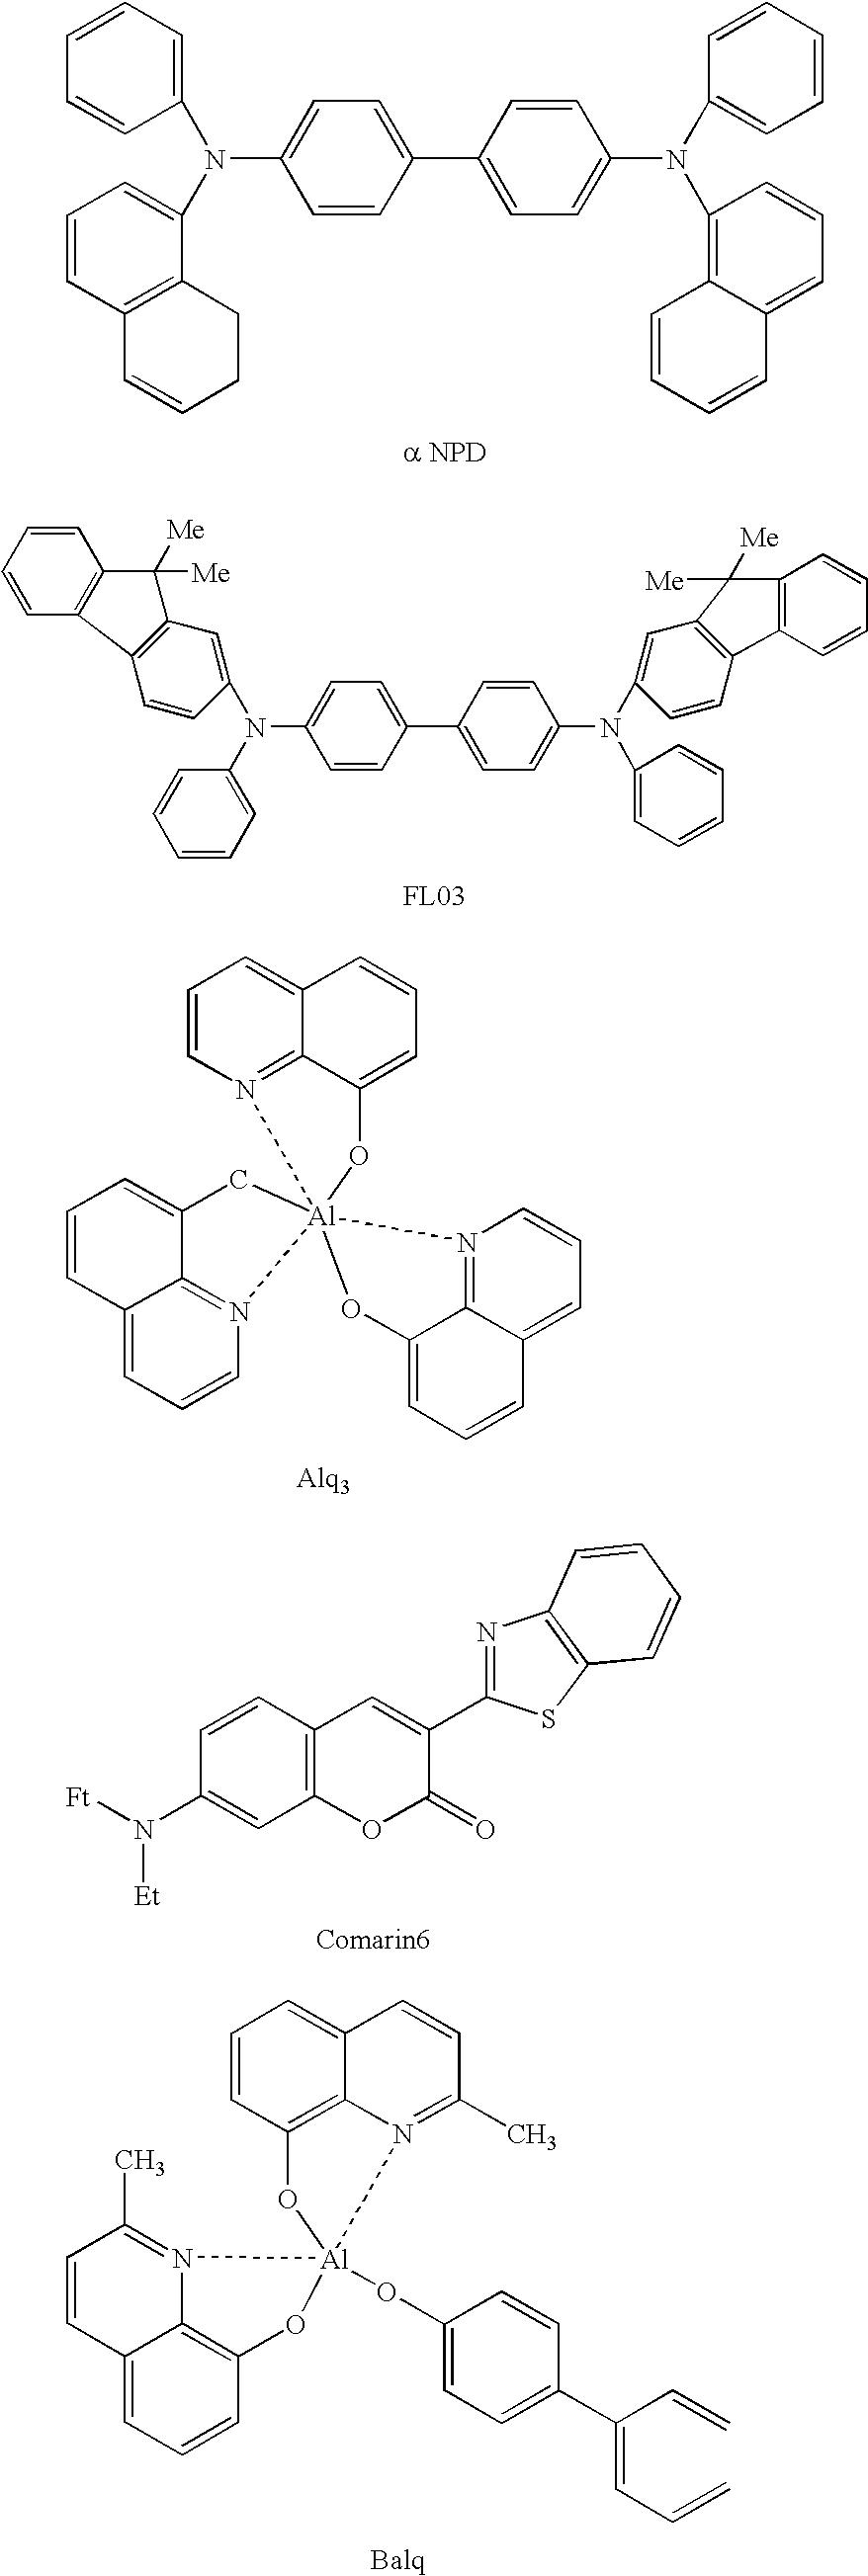 Figure US20070296334A1-20071227-C00001